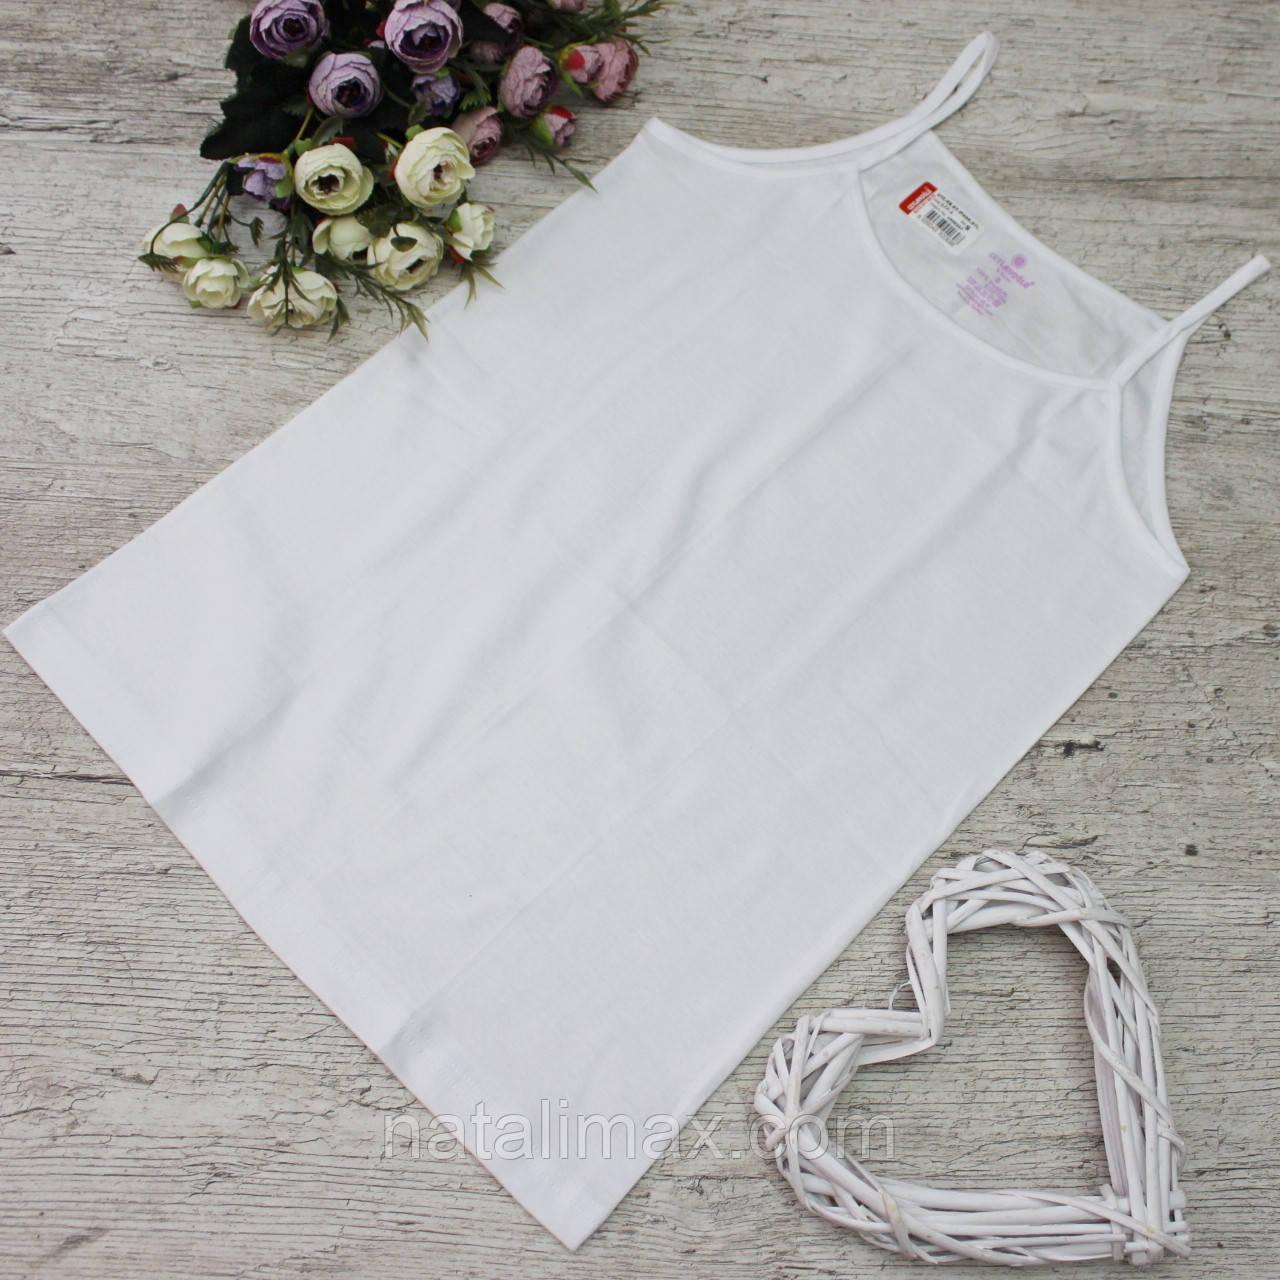 Белье майки женские интернет магазин нижние белье женское интимиссими